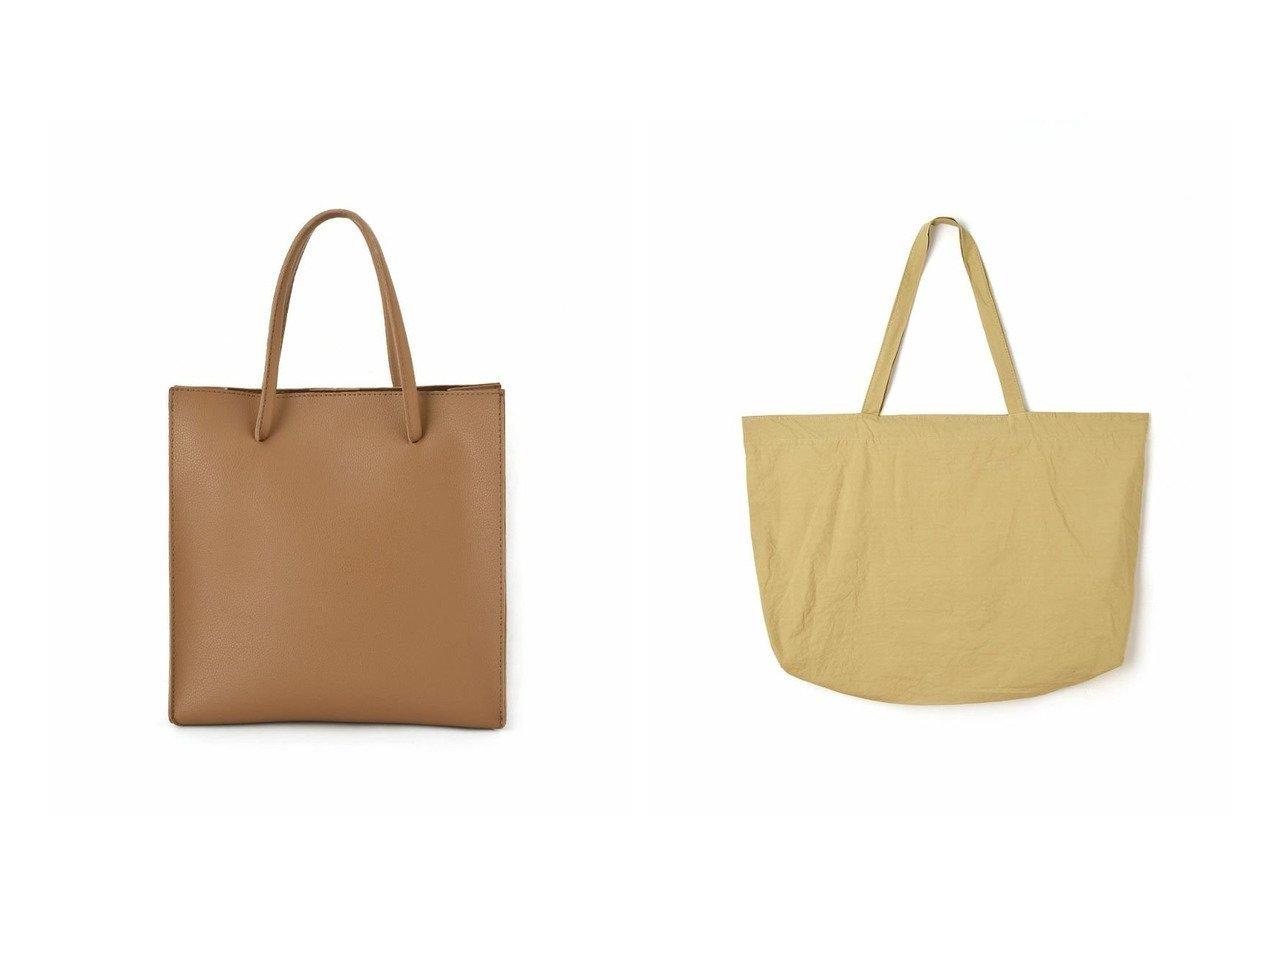 【marjour/マージュール】のmarjourポーチセットバッグ POACH SET BAG&marjourエコバッグ ECO BAG(L) マージュールのおすすめ!人気、トレンド・レディースファッションの通販 おすすめで人気の流行・トレンド、ファッションの通販商品 メンズファッション・キッズファッション・インテリア・家具・レディースファッション・服の通販 founy(ファニー) https://founy.com/ ファッション Fashion レディースファッション WOMEN バッグ Bag ポーチ Pouches スクエア フェイクレザー ポーチ おすすめ Recommend 無地 |ID:crp329100000021550